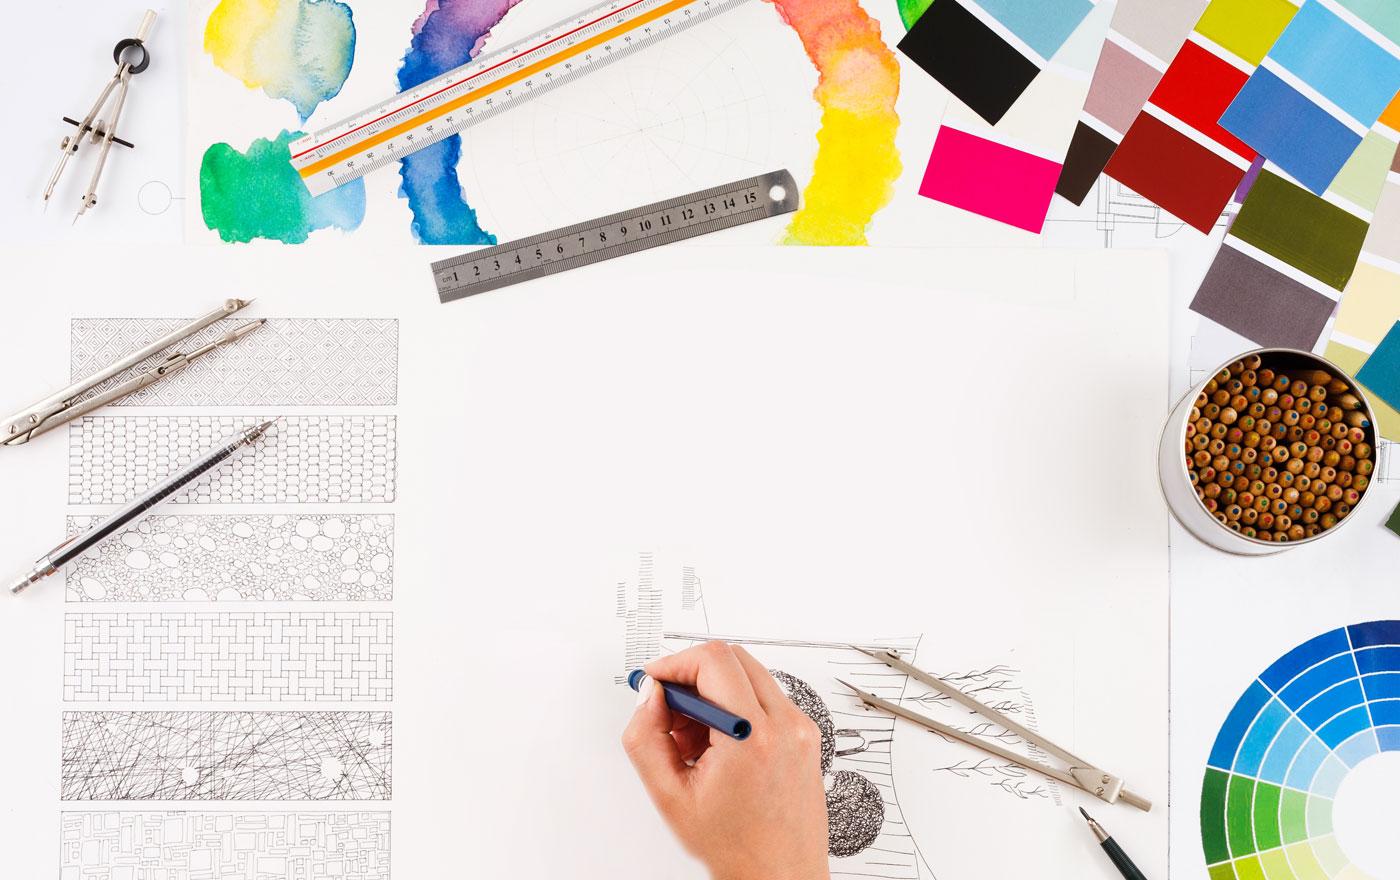 Låt läsaren känna igen dig. Här är knepen för att skapa en tydlig visuell identitet för din tidskrift i sociala medier.